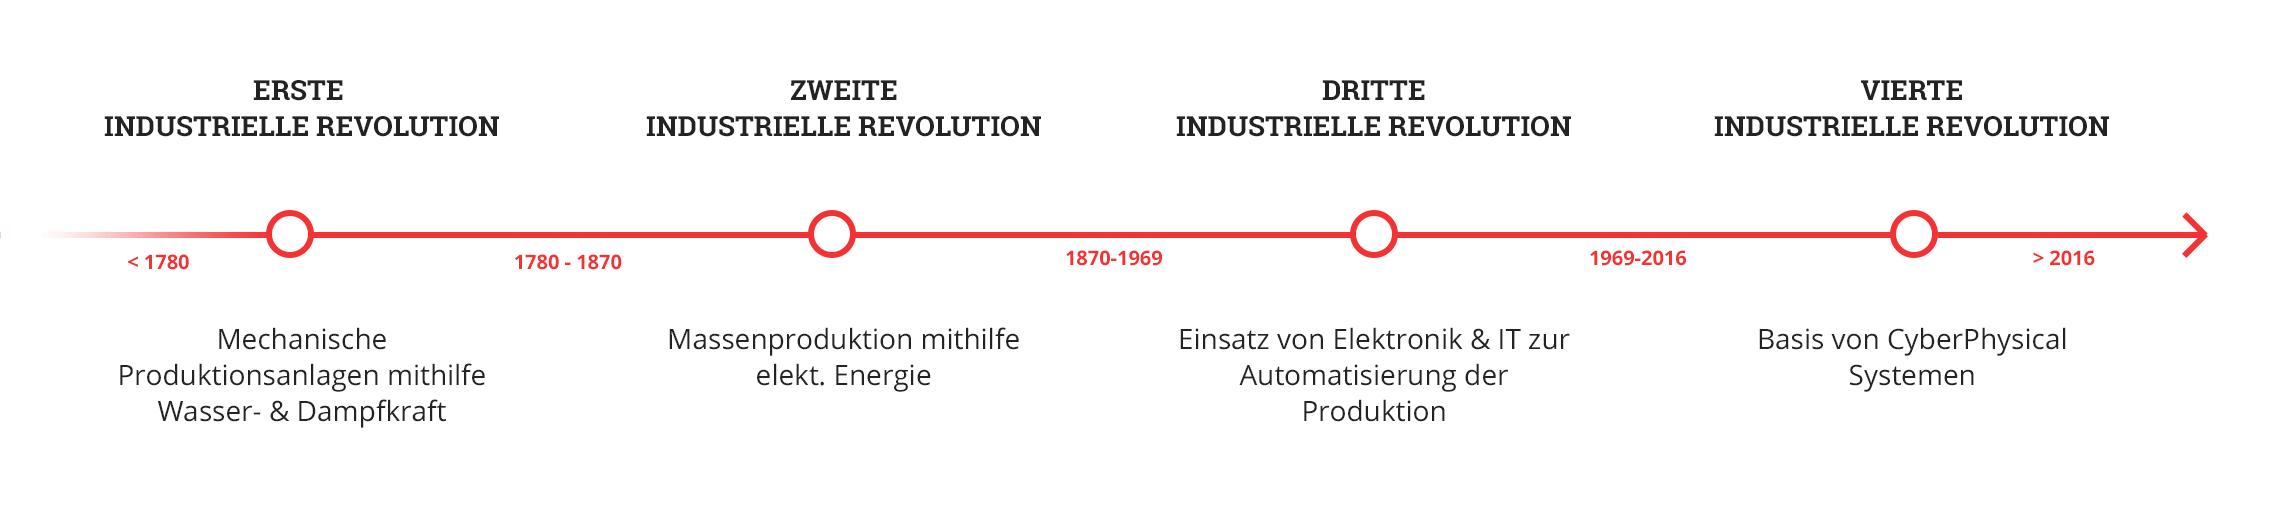 Industrie 4.0 - Industrielle Revolution